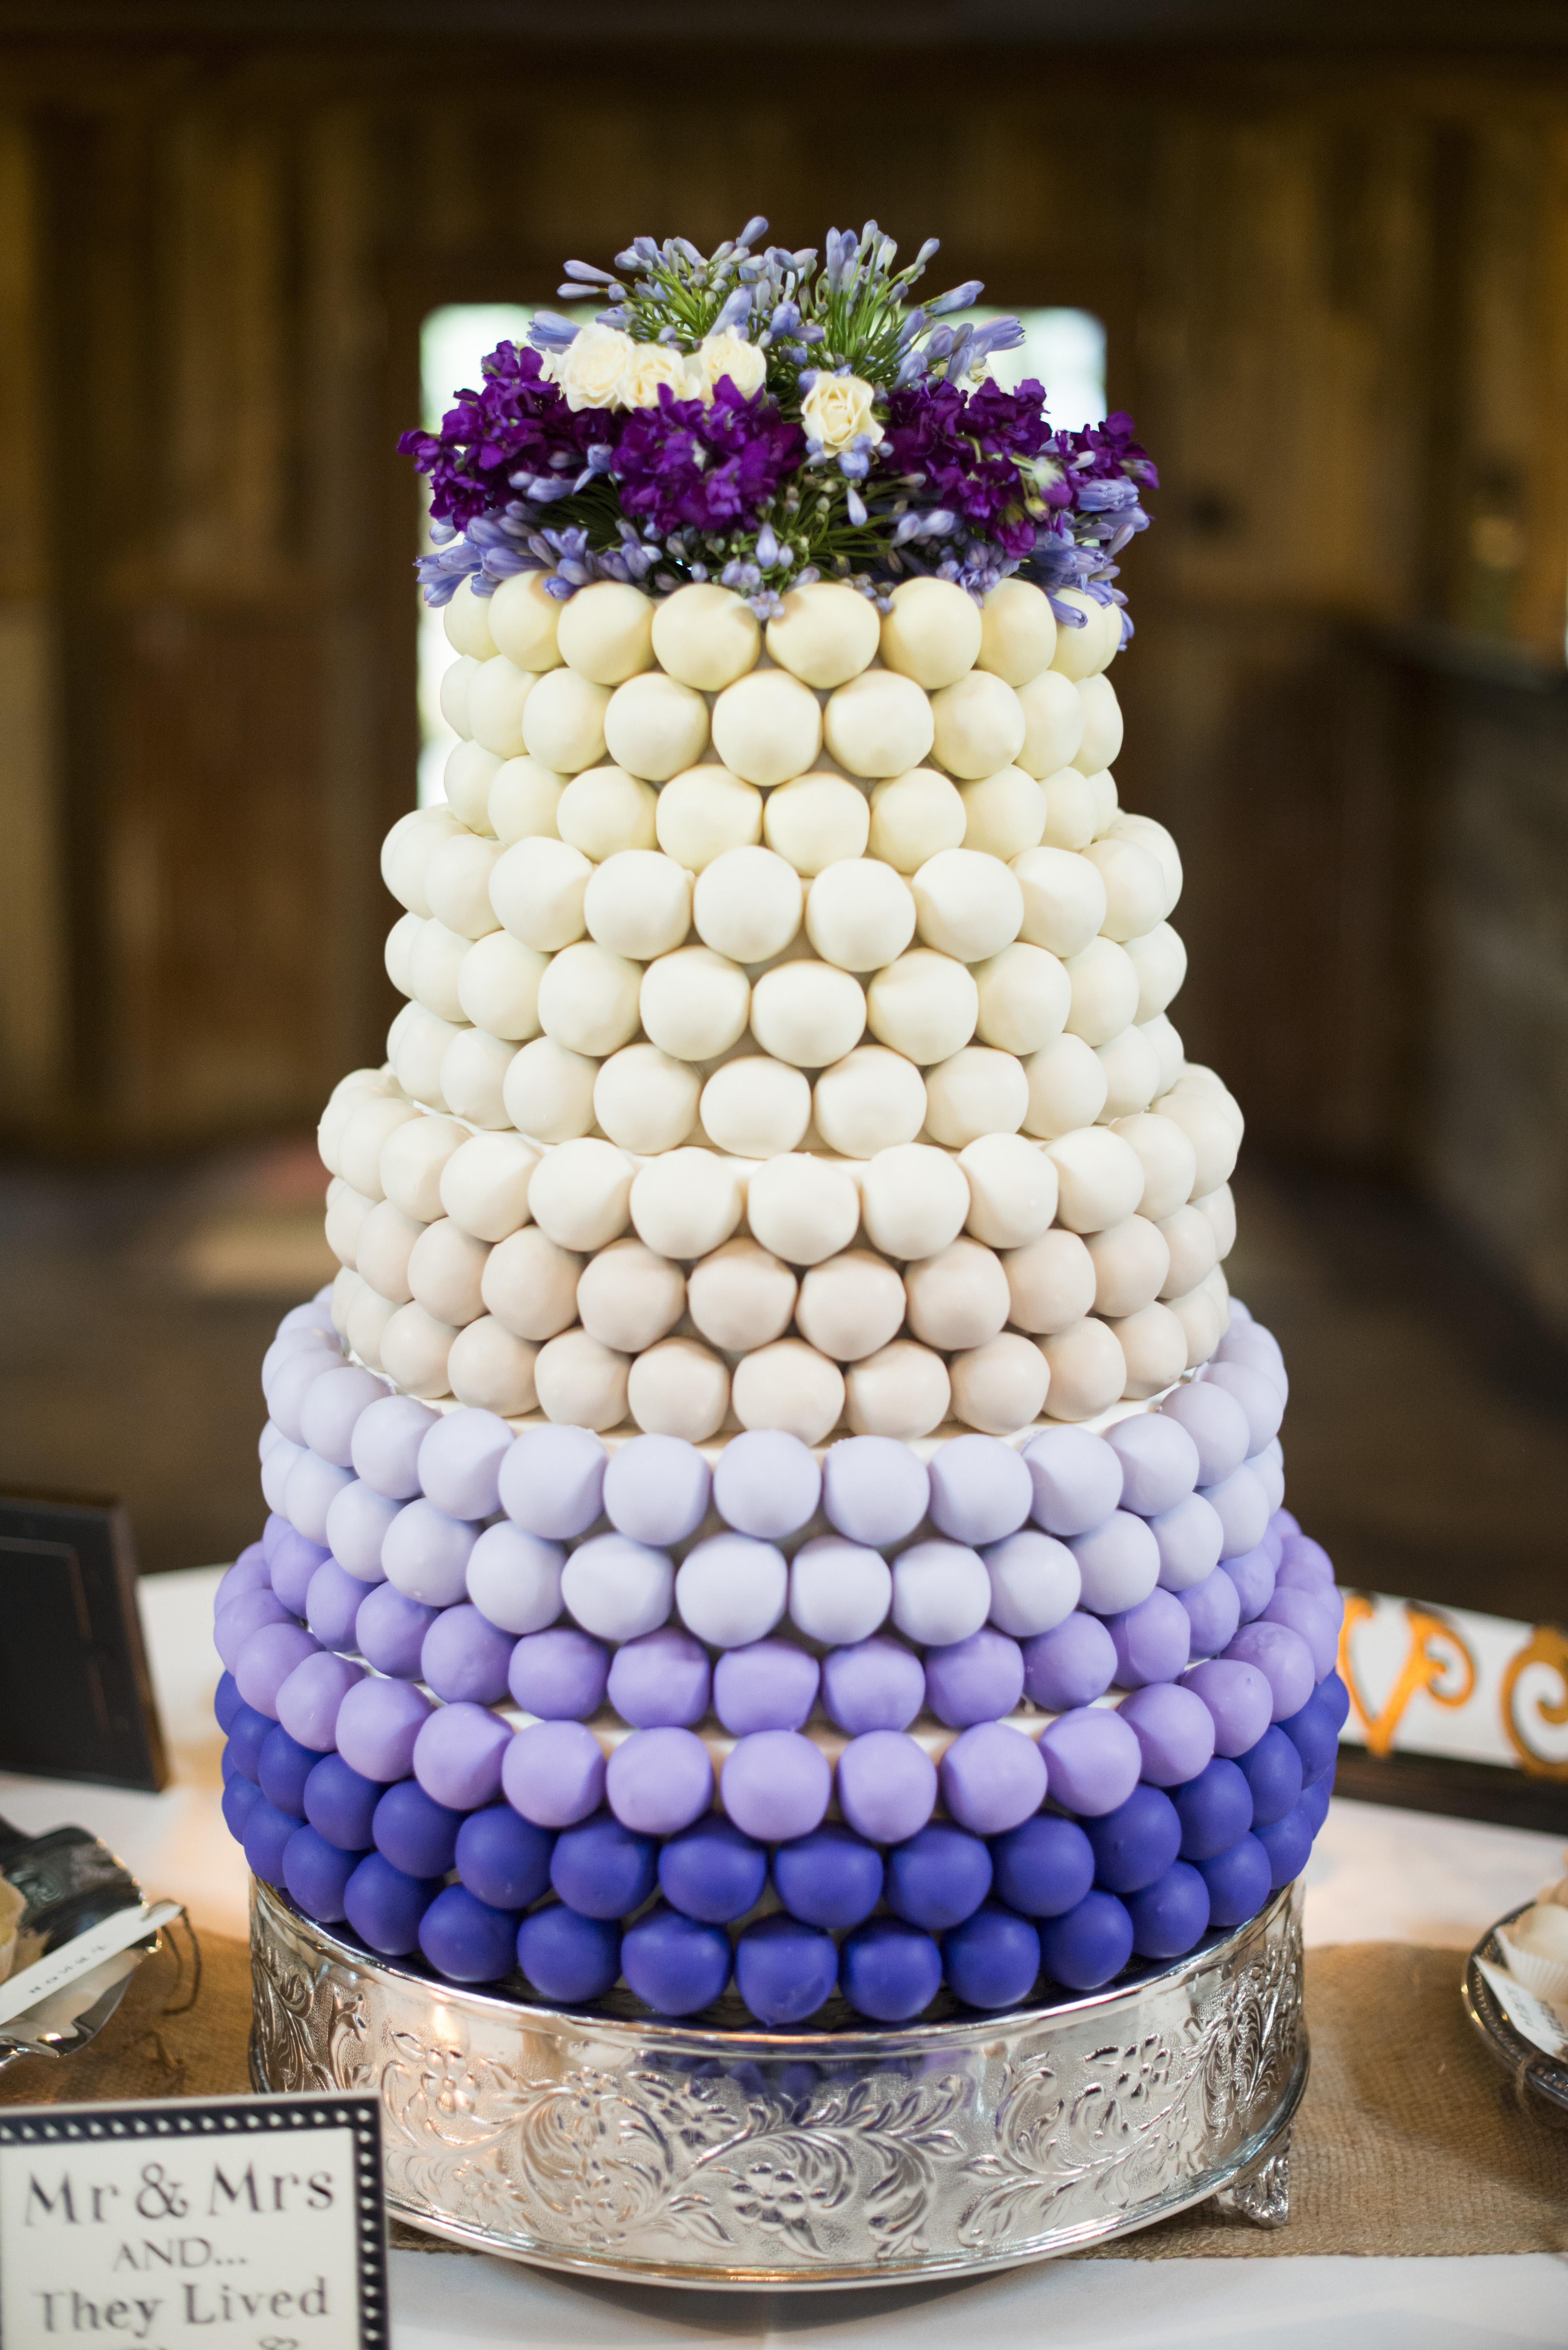 Awe Inspiring Cake Ball Cake Centerpieces Cake Bites Llc Download Free Architecture Designs Pendunizatbritishbridgeorg